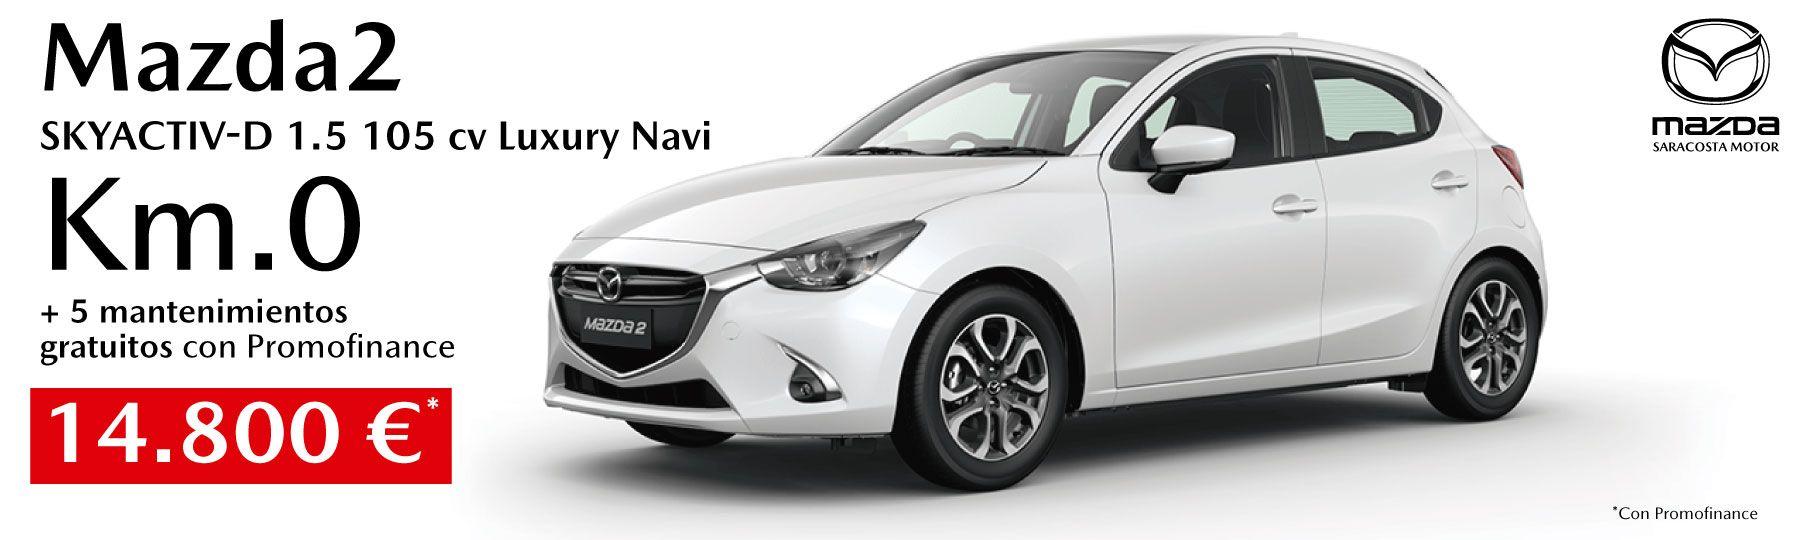 Mazda2 SKYACTIV-D 1.5 105 CV Luxury Navegador km.0 14.800 €